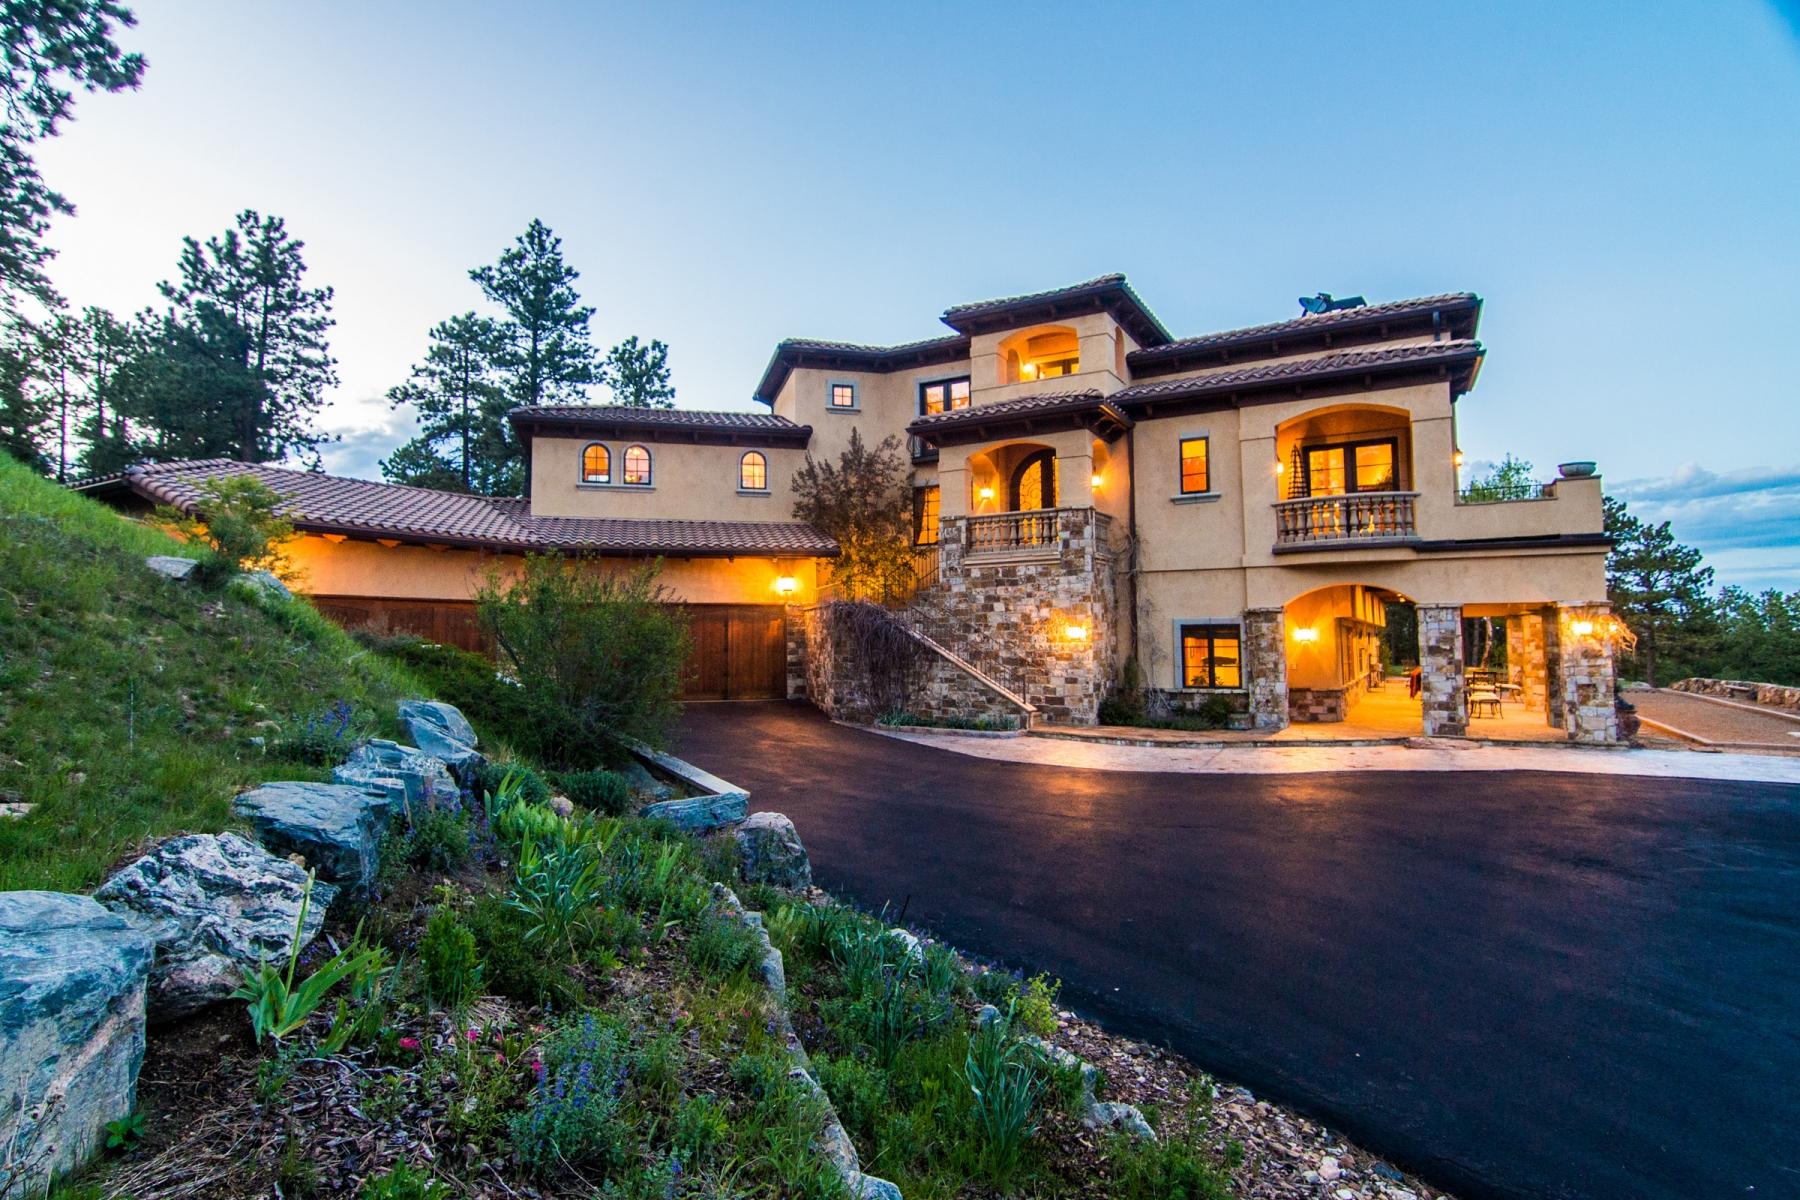 Maison unifamiliale pour l Vente à Tuscan Farm House 33137 Alta Vista Drive Evergreen, Colorado 80439 États-Unis